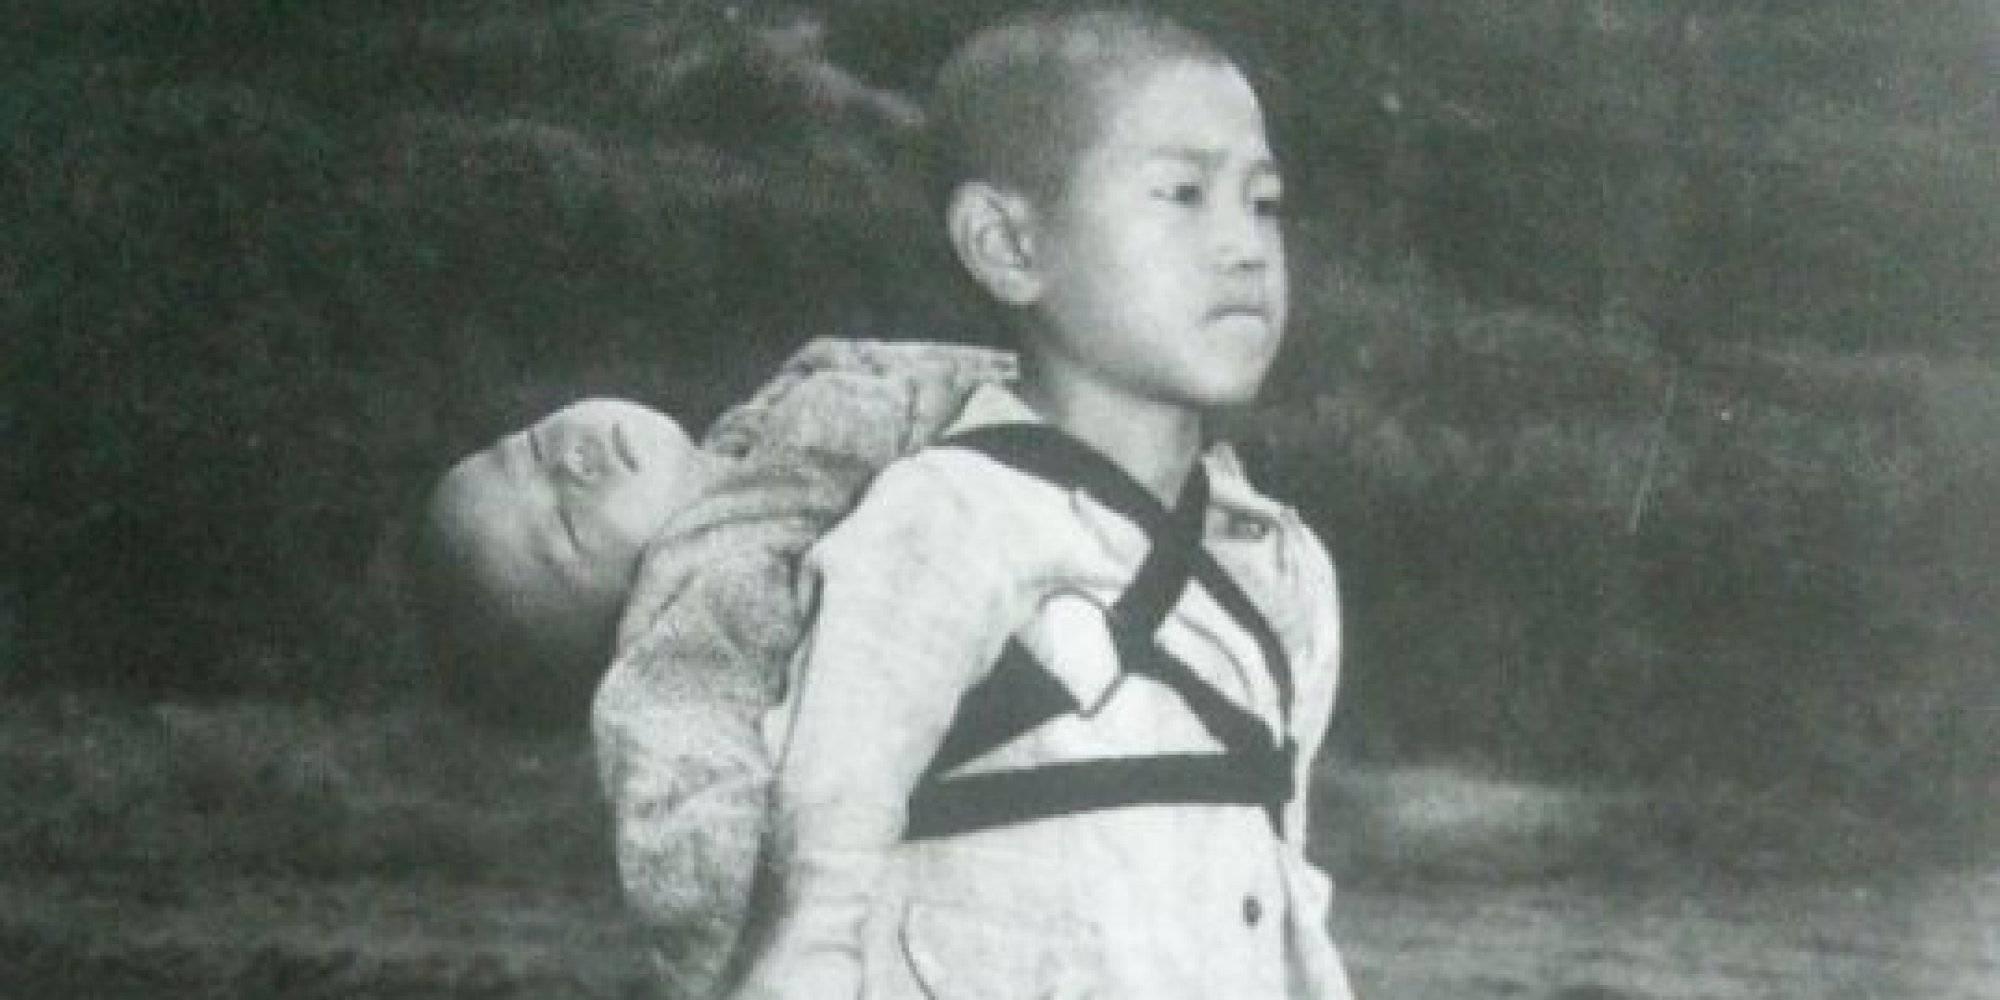 o-nagasaki-boy-facebook-1